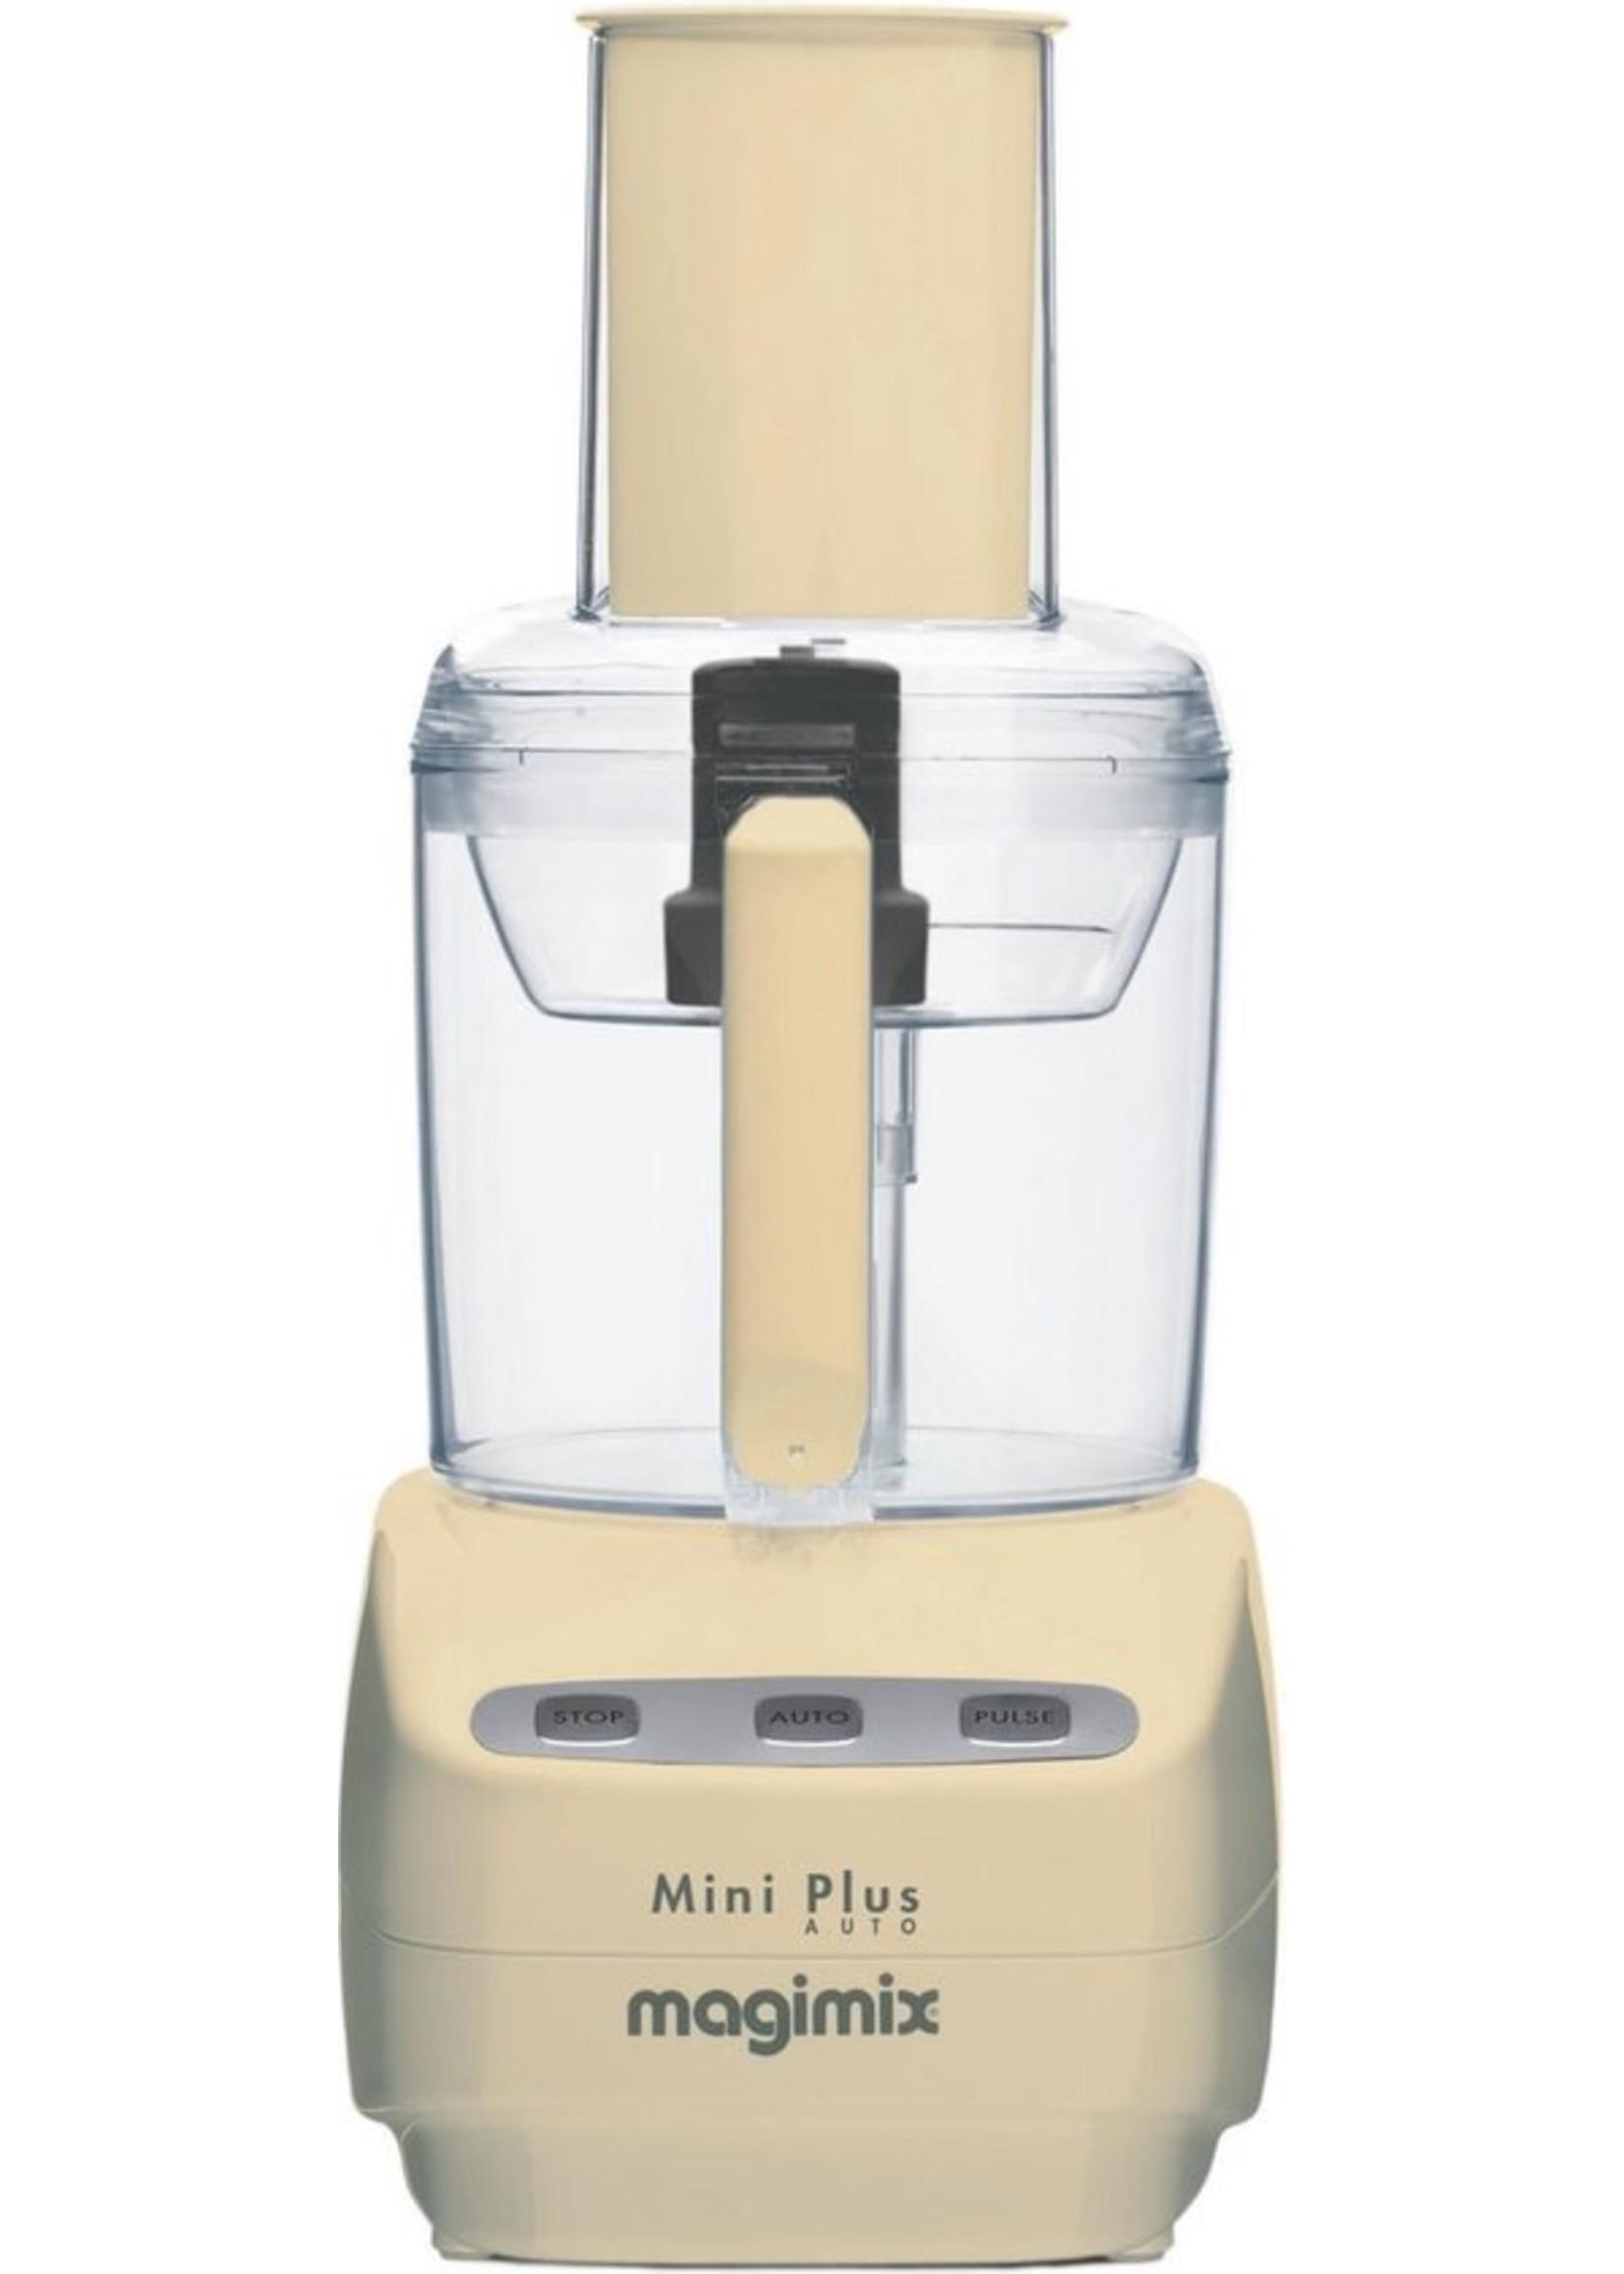 Magimix Magimix Le Mini Plus - Foodprocessor - Creme